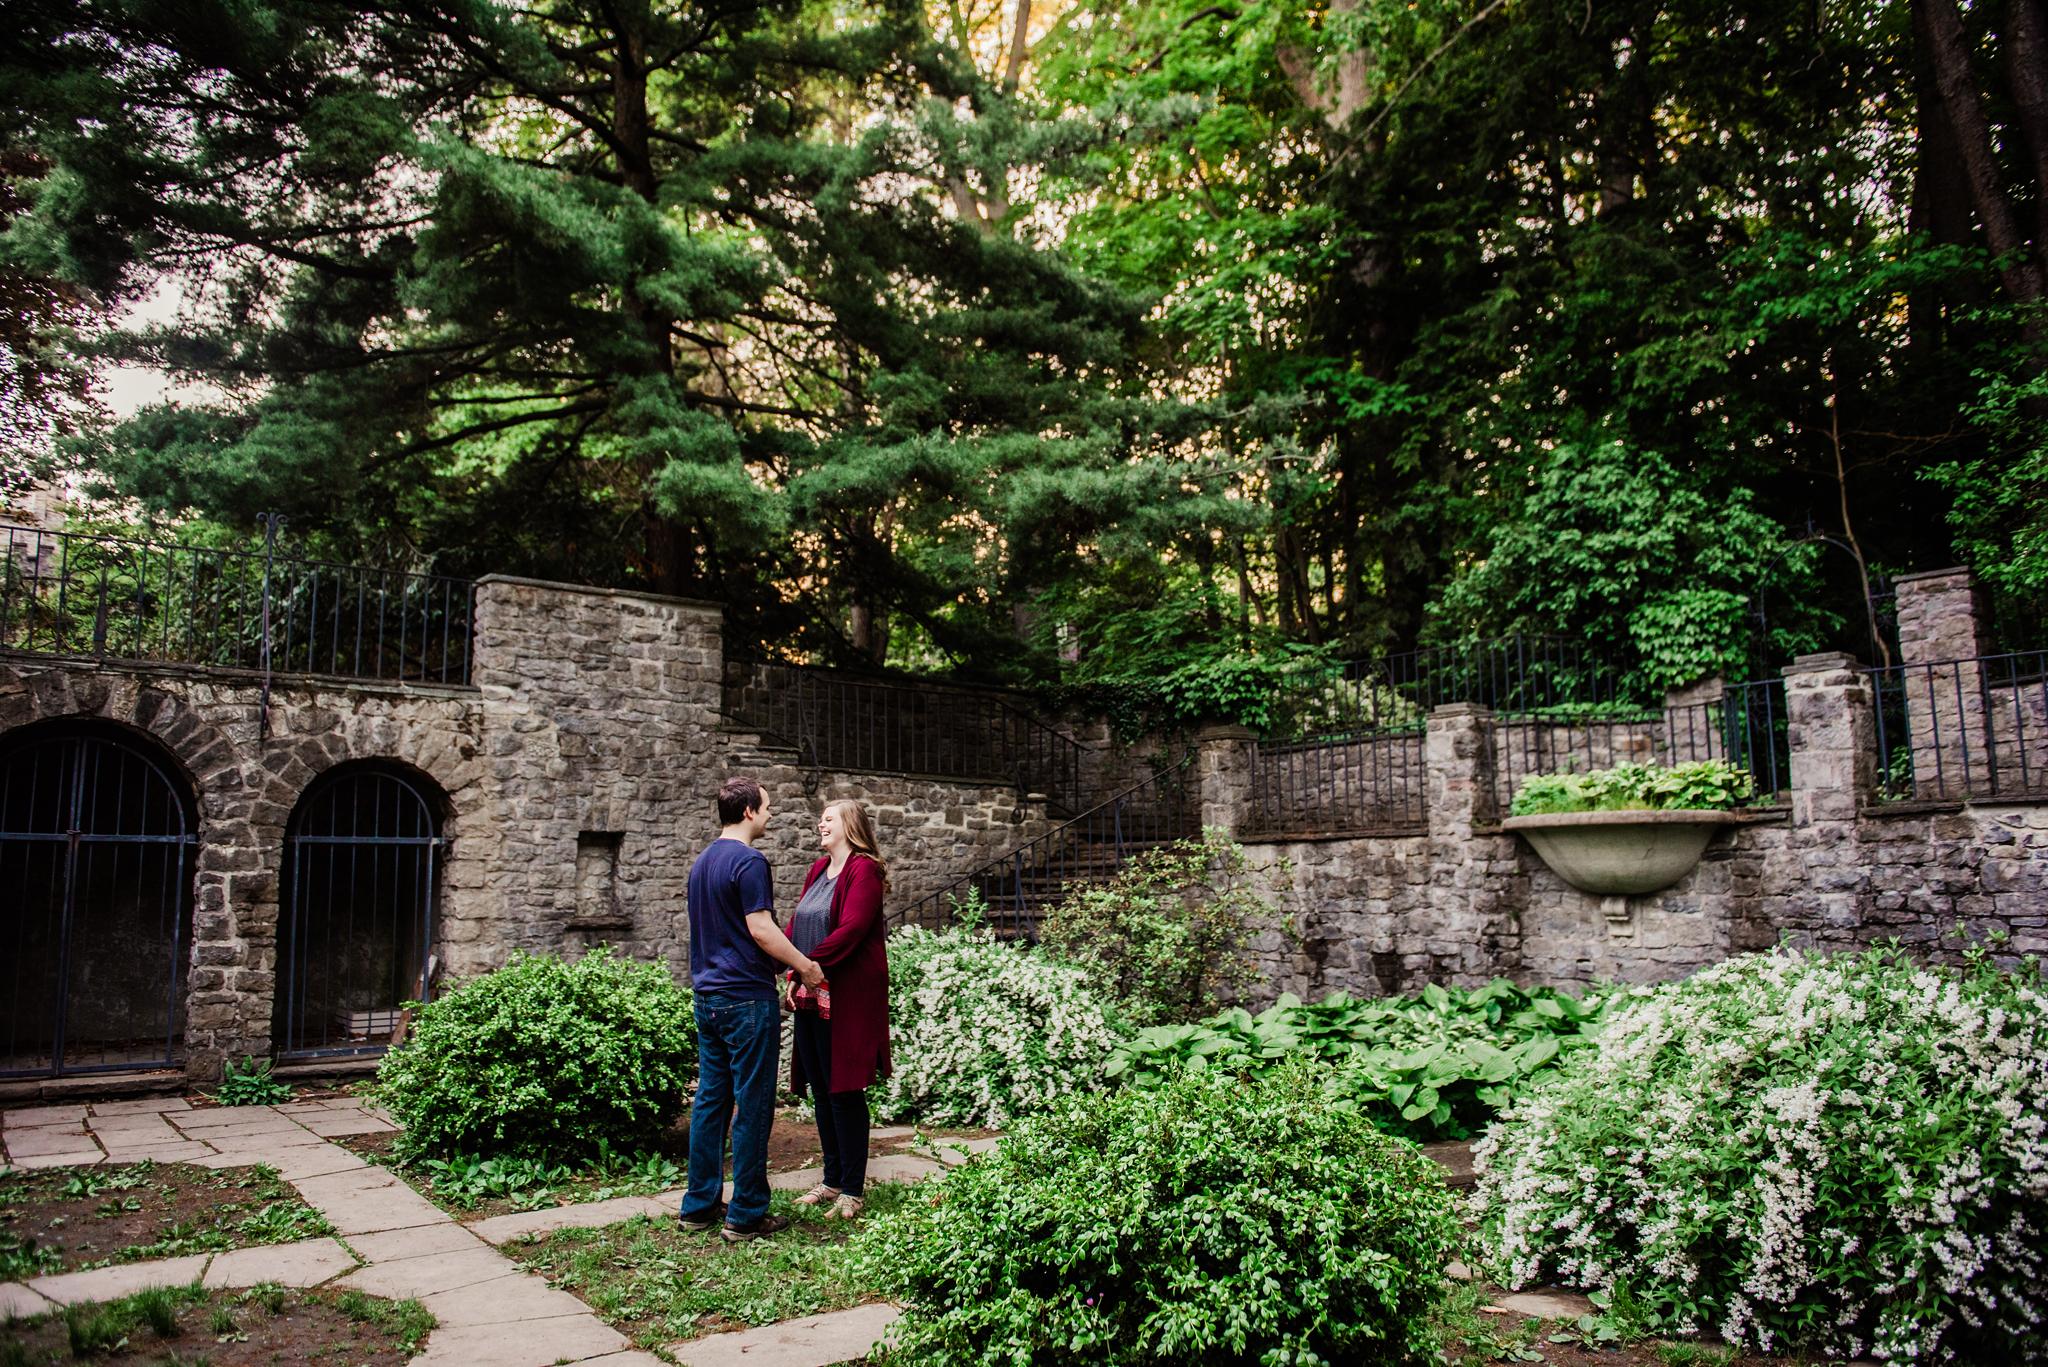 Warner_Castle_Sunken_Gardens_Rochester_Engagement_Session_JILL_STUDIO_Rochester_NY_Photographer_DSC_1646.jpg